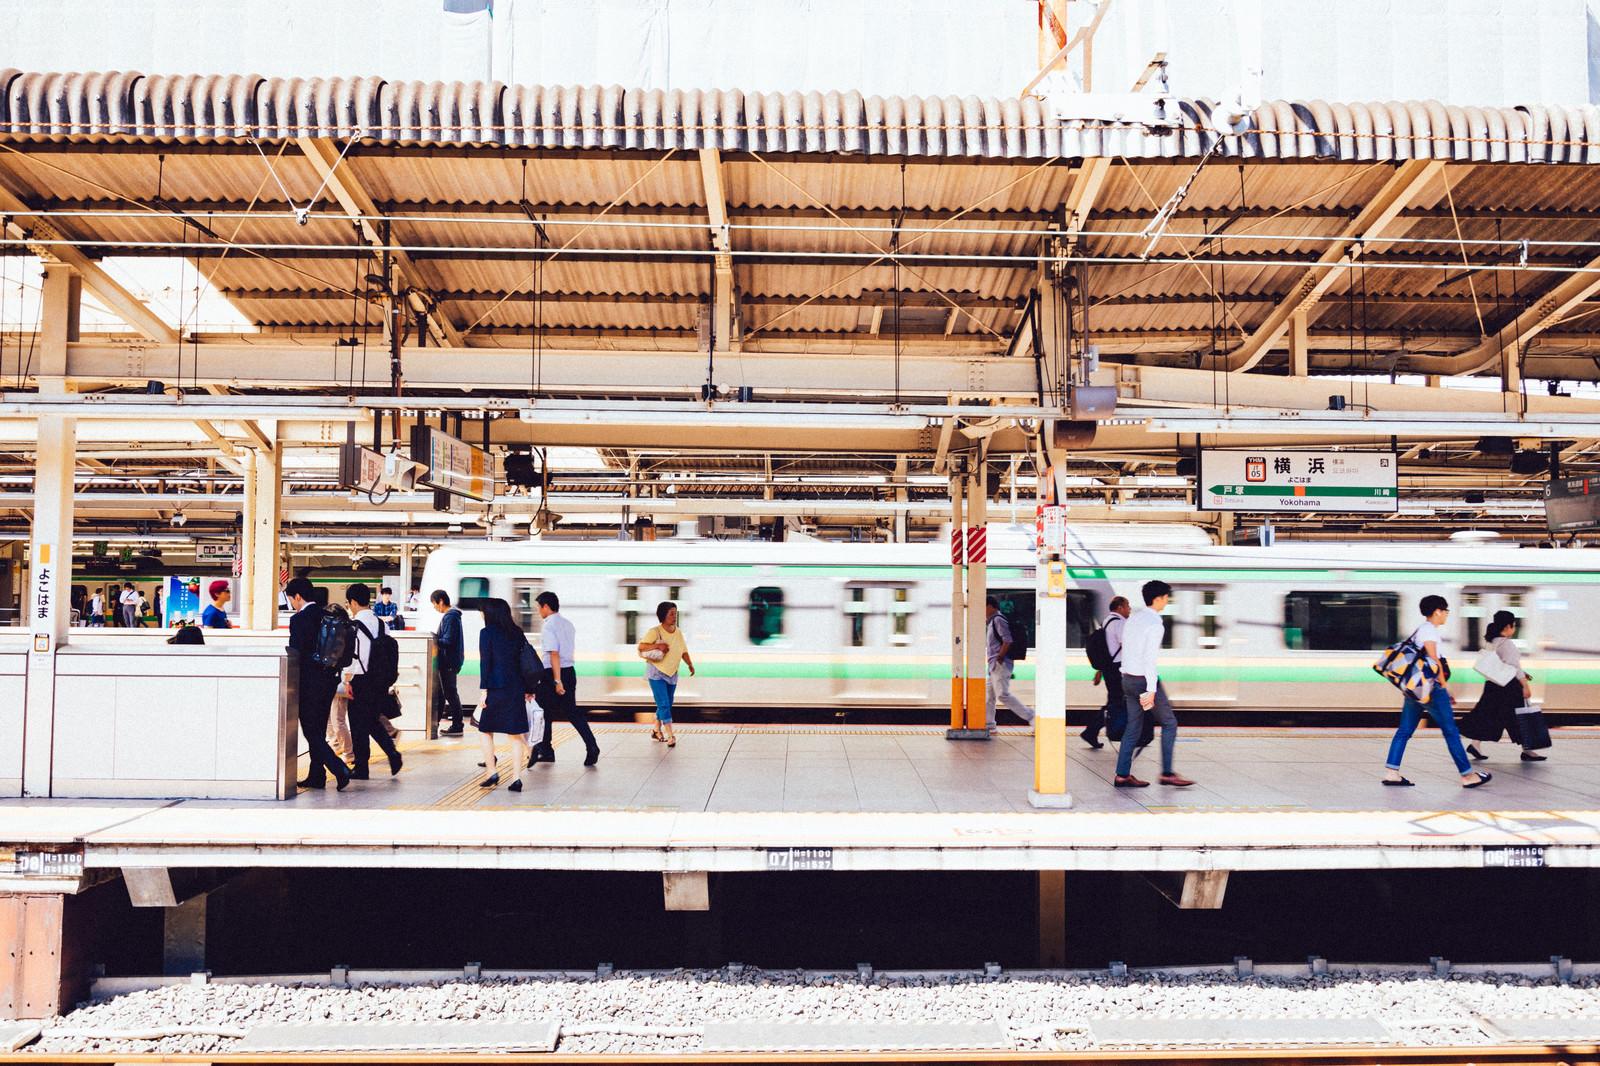 「横浜駅のホーム | 写真の無料素材・フリー素材 - ぱくたそ」の写真